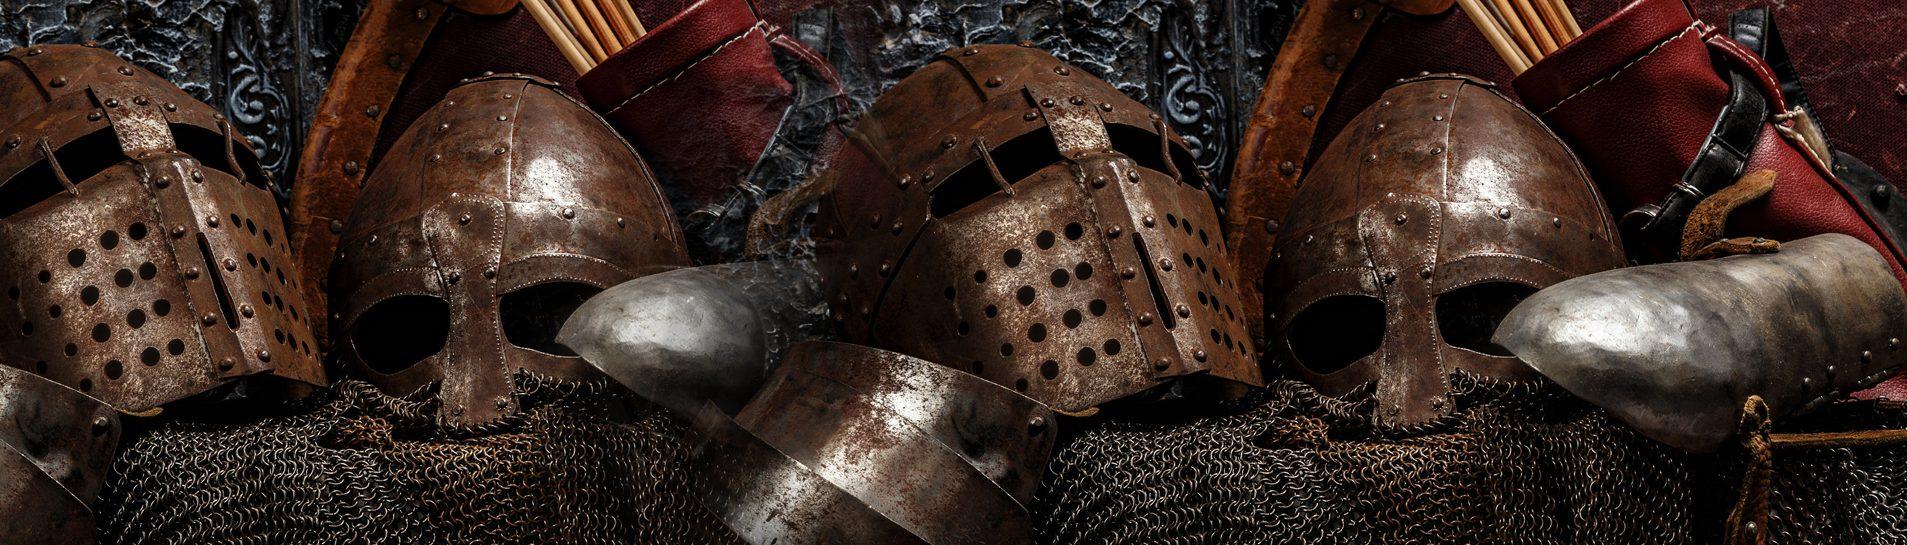 Si j'étais un chevalier où porterais-je mes armures?